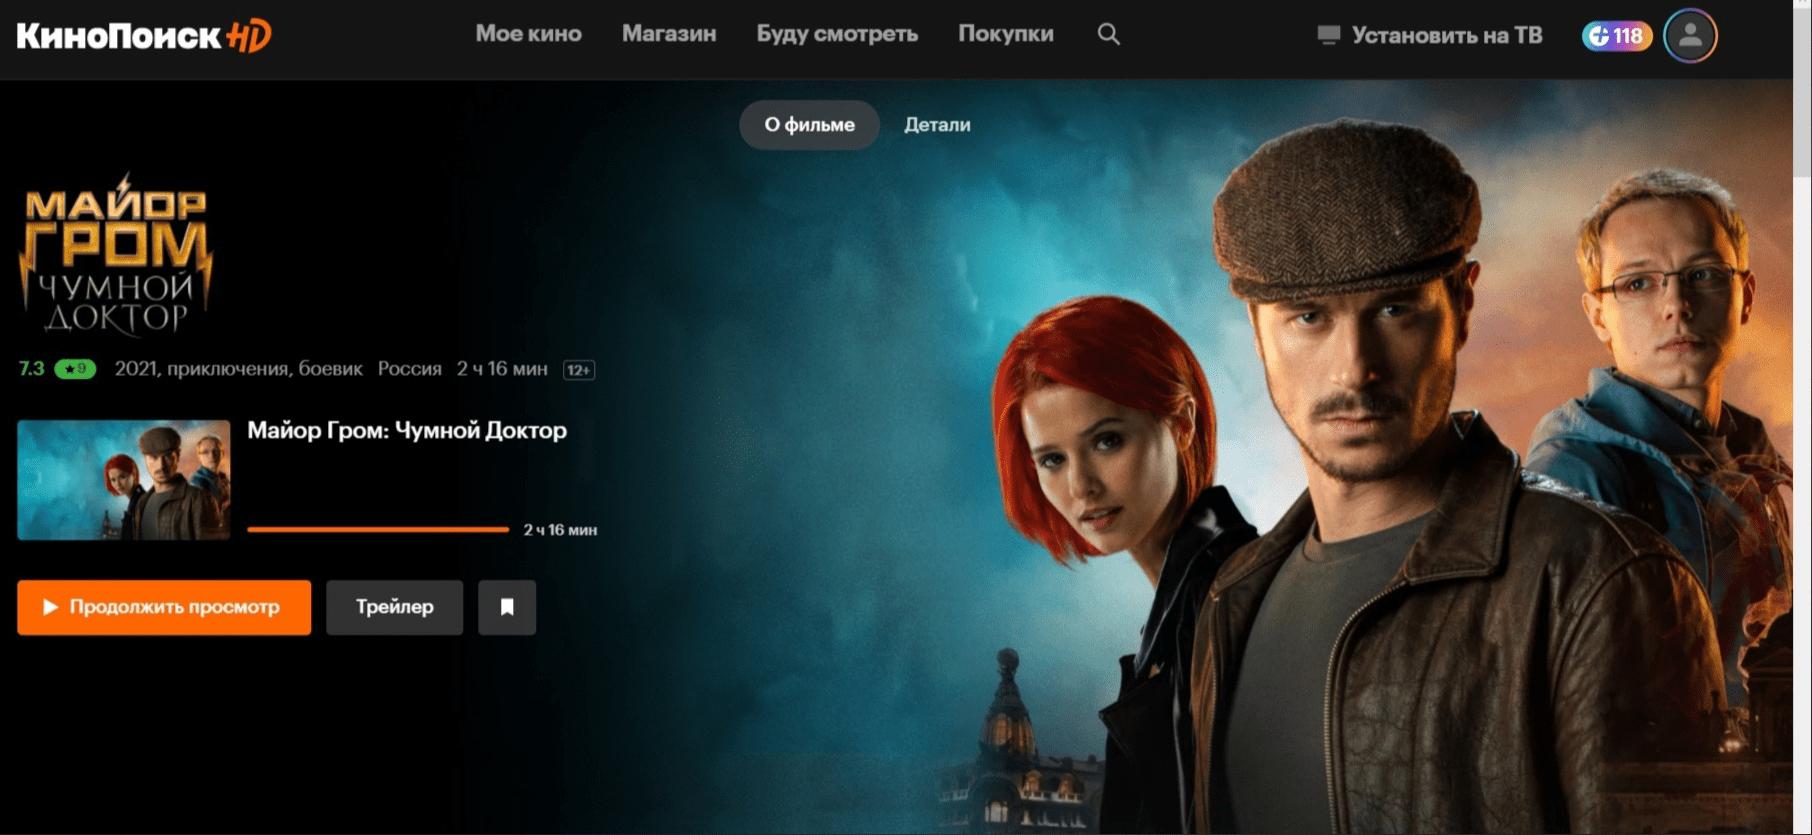 «Майор Гром» стал лидером по просмотрам в мае на «КиноПоиск HD»